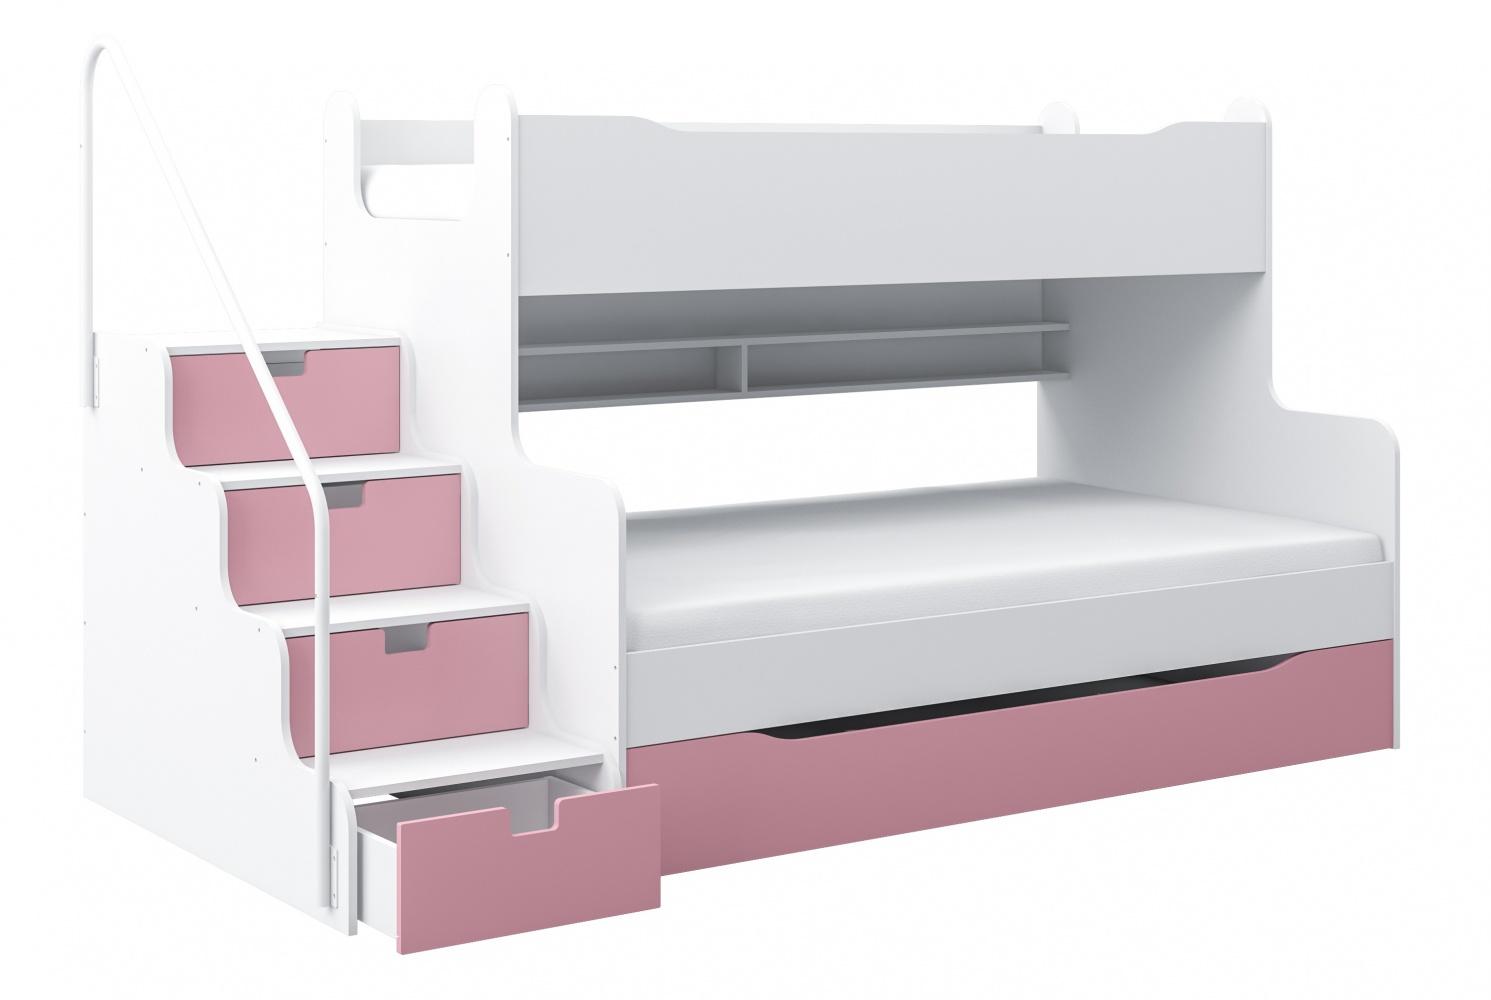 Etagenbett Weiß Landhaus : Etagenbett weiß in schleswig holstein ebay kleinanzeigen